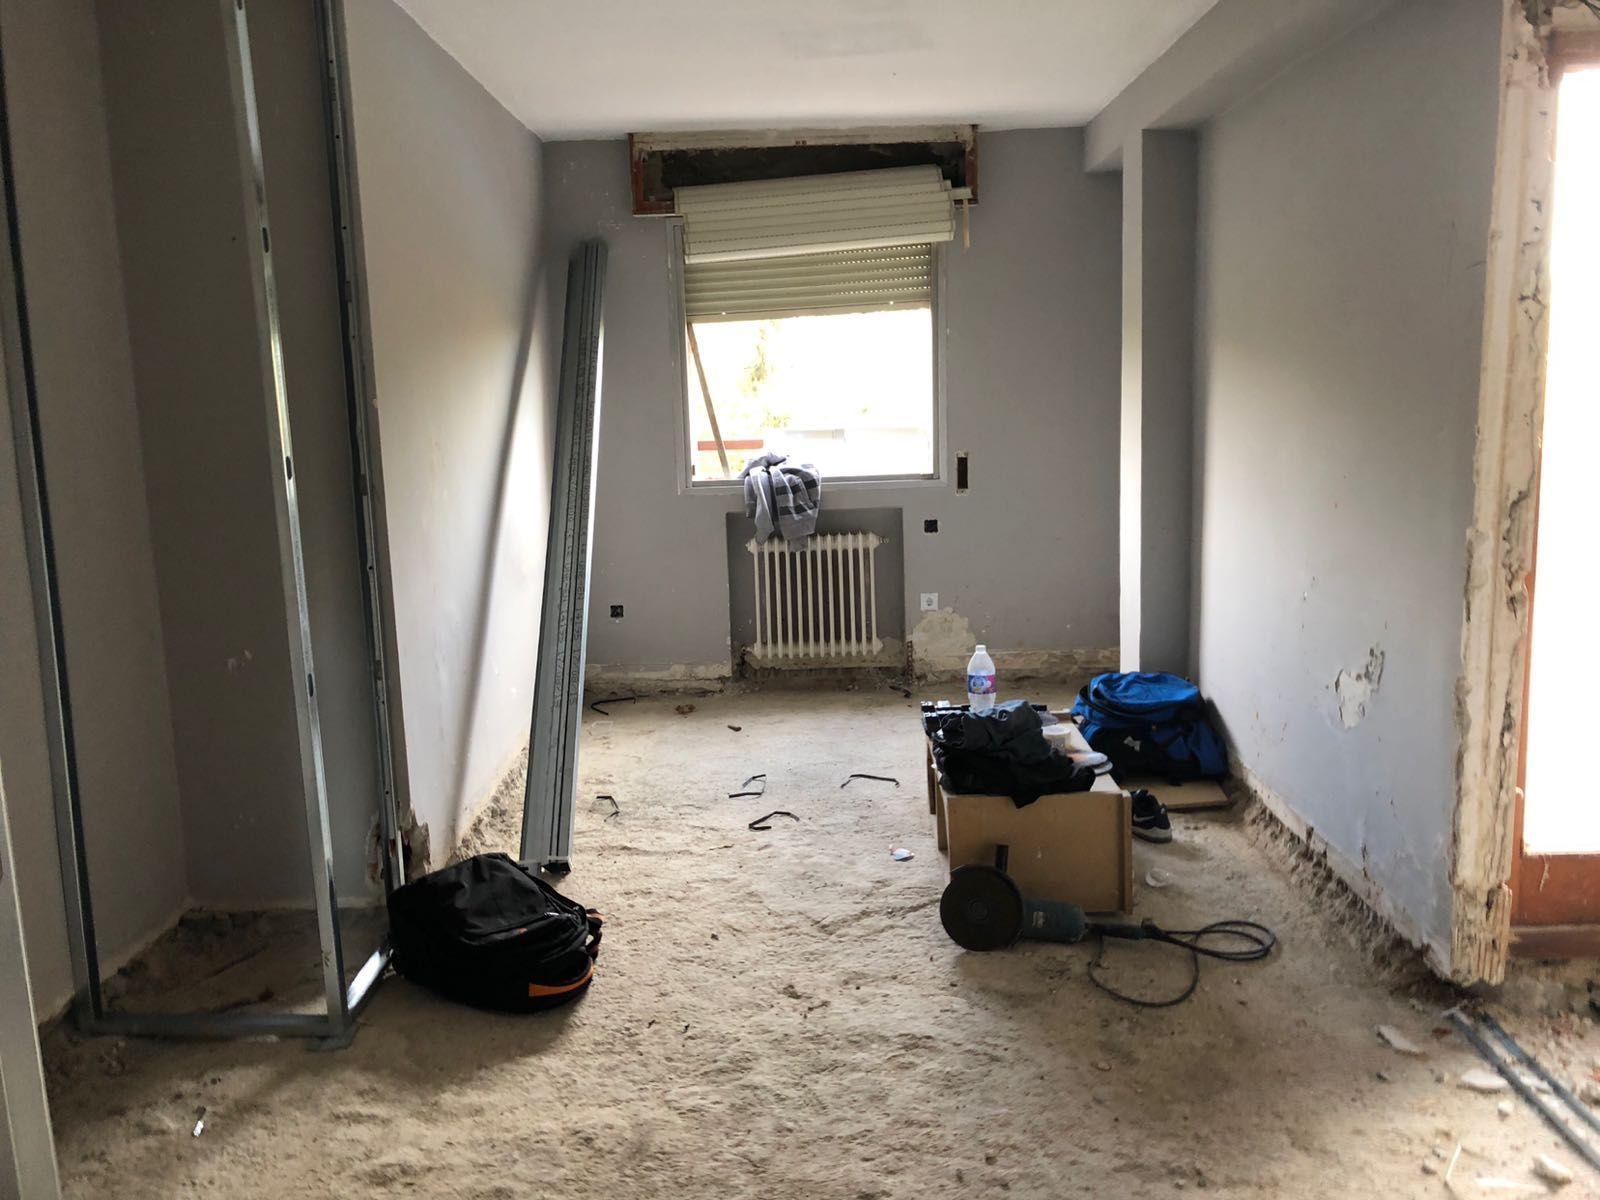 Trabajos de reforma con paredes pefabricads